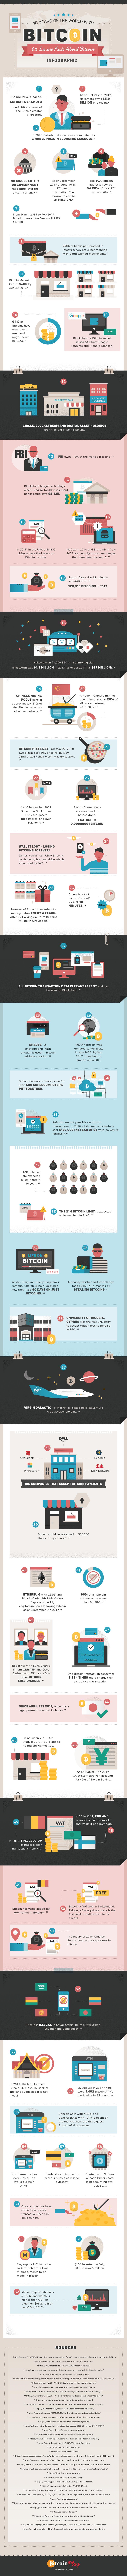 bitcoin-fact-2 Infographie : 62 trucs dingues à propos du Bitcoin !